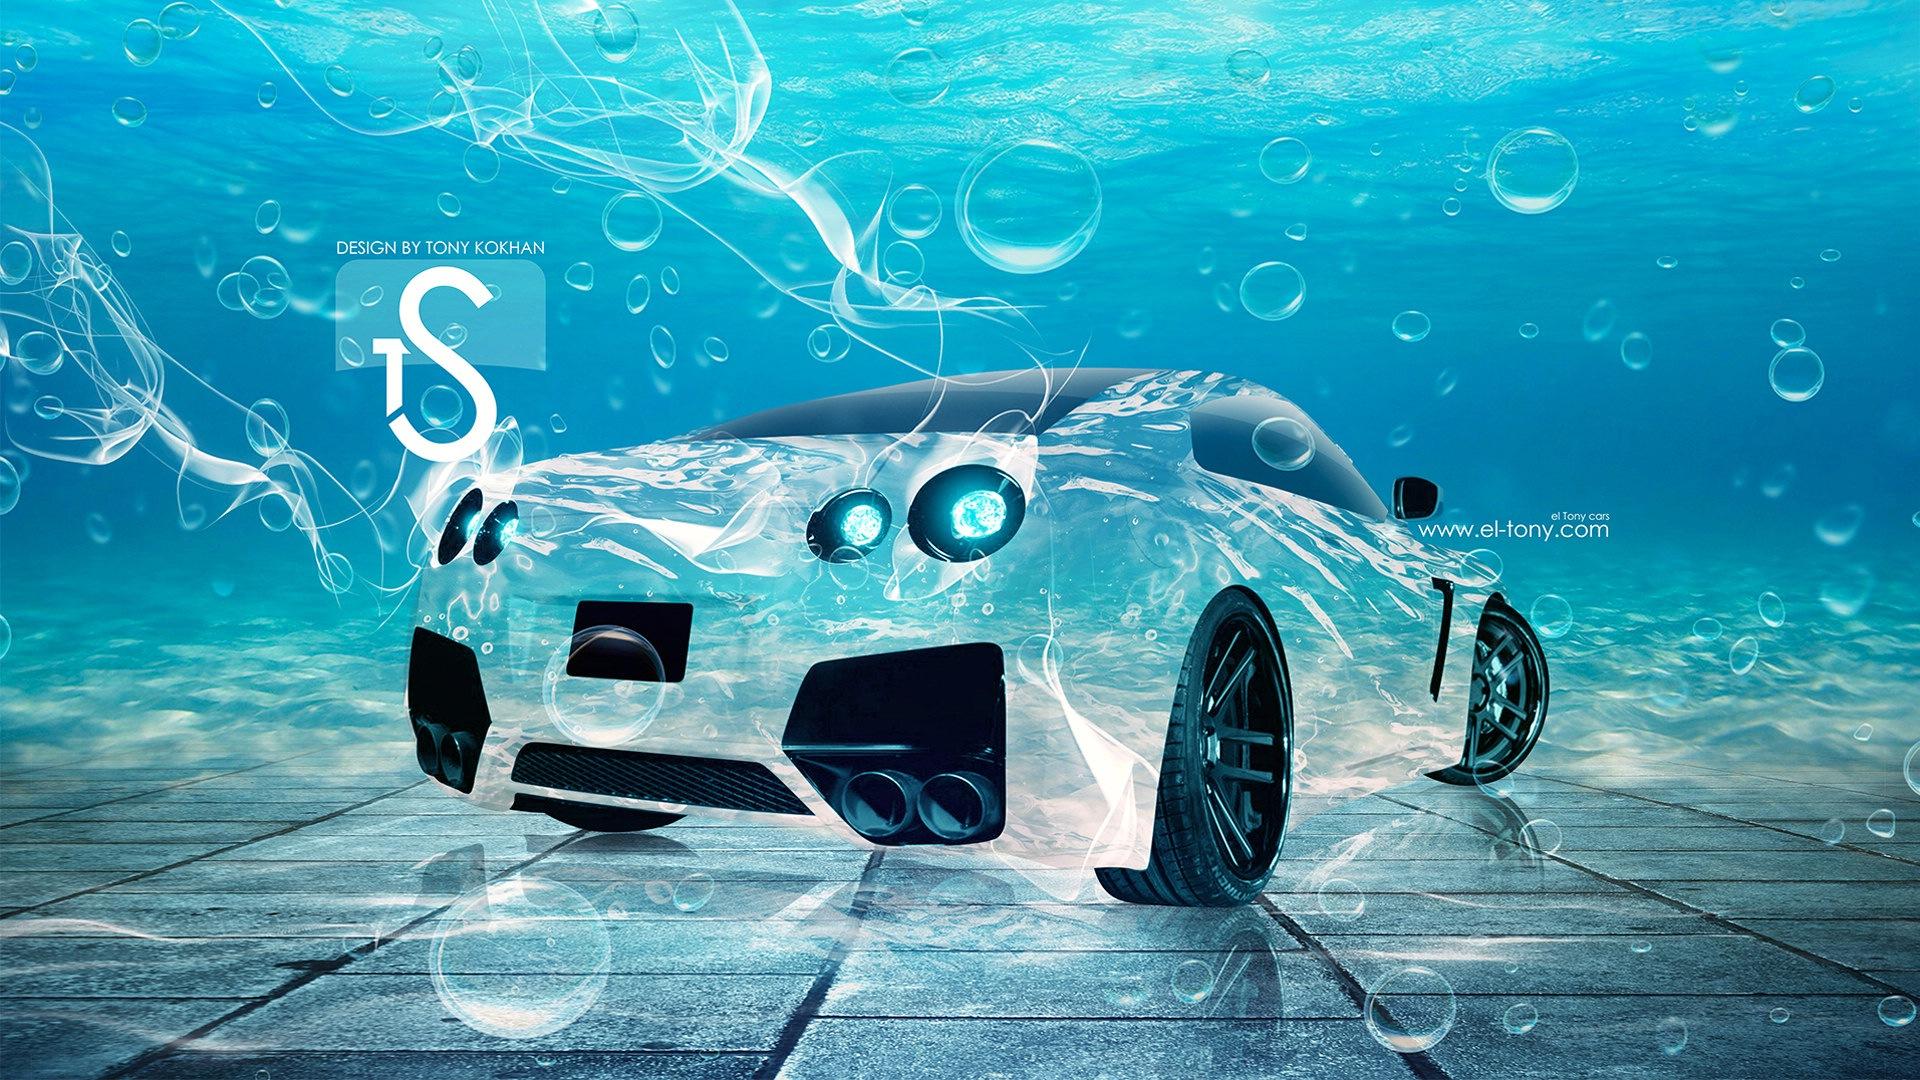 水花飞溅,汽车创意设计精美壁纸 #9 - 1920x1080图片